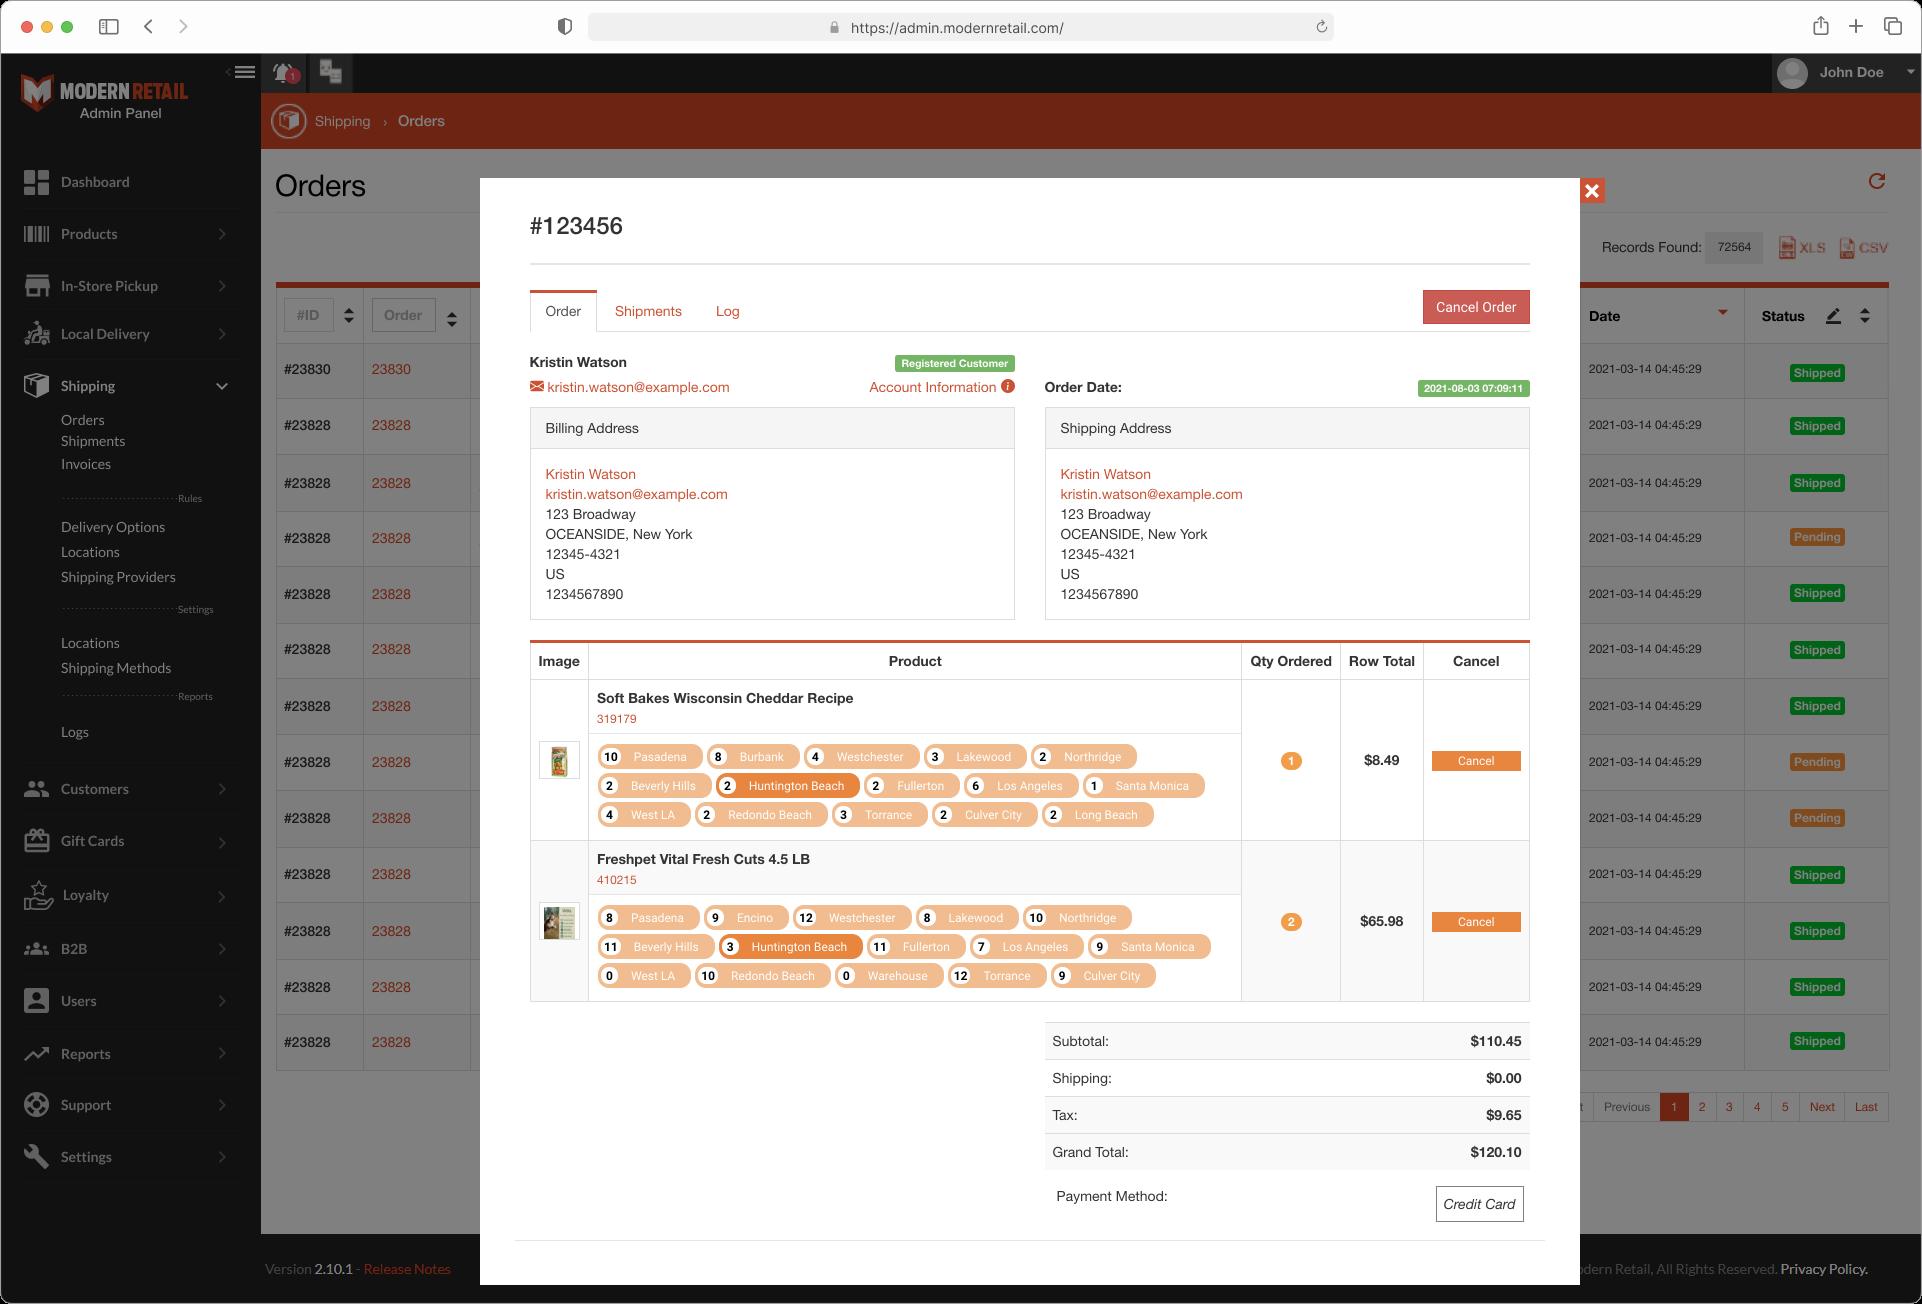 order-management-admin-panel-mr.png